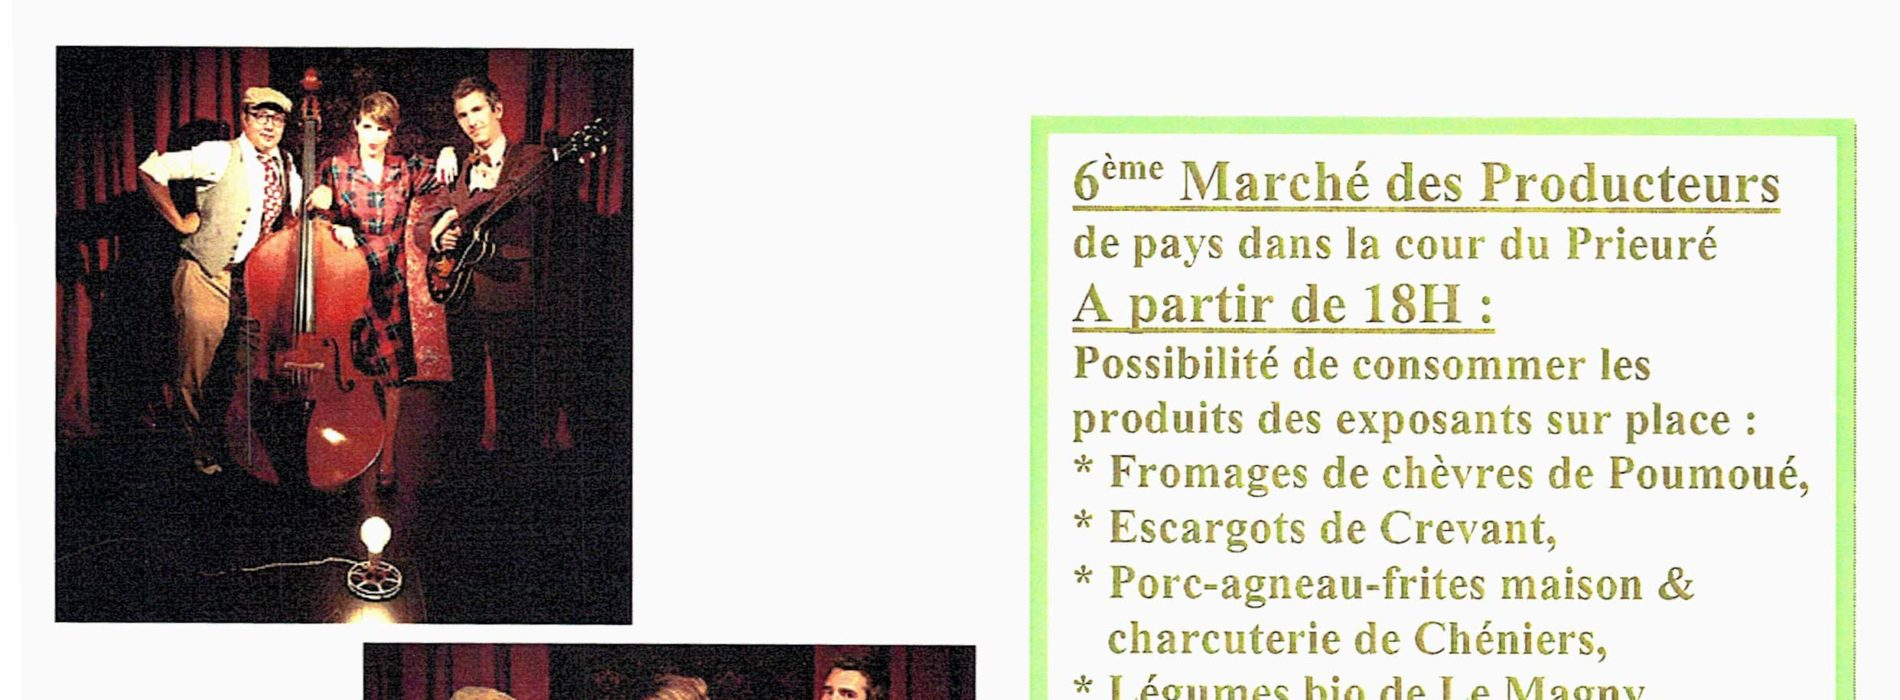 6EME MARCHE DES PRODUCTEURS SUIVI D UN CONCERT SAMEDI 07 AOUT 2021